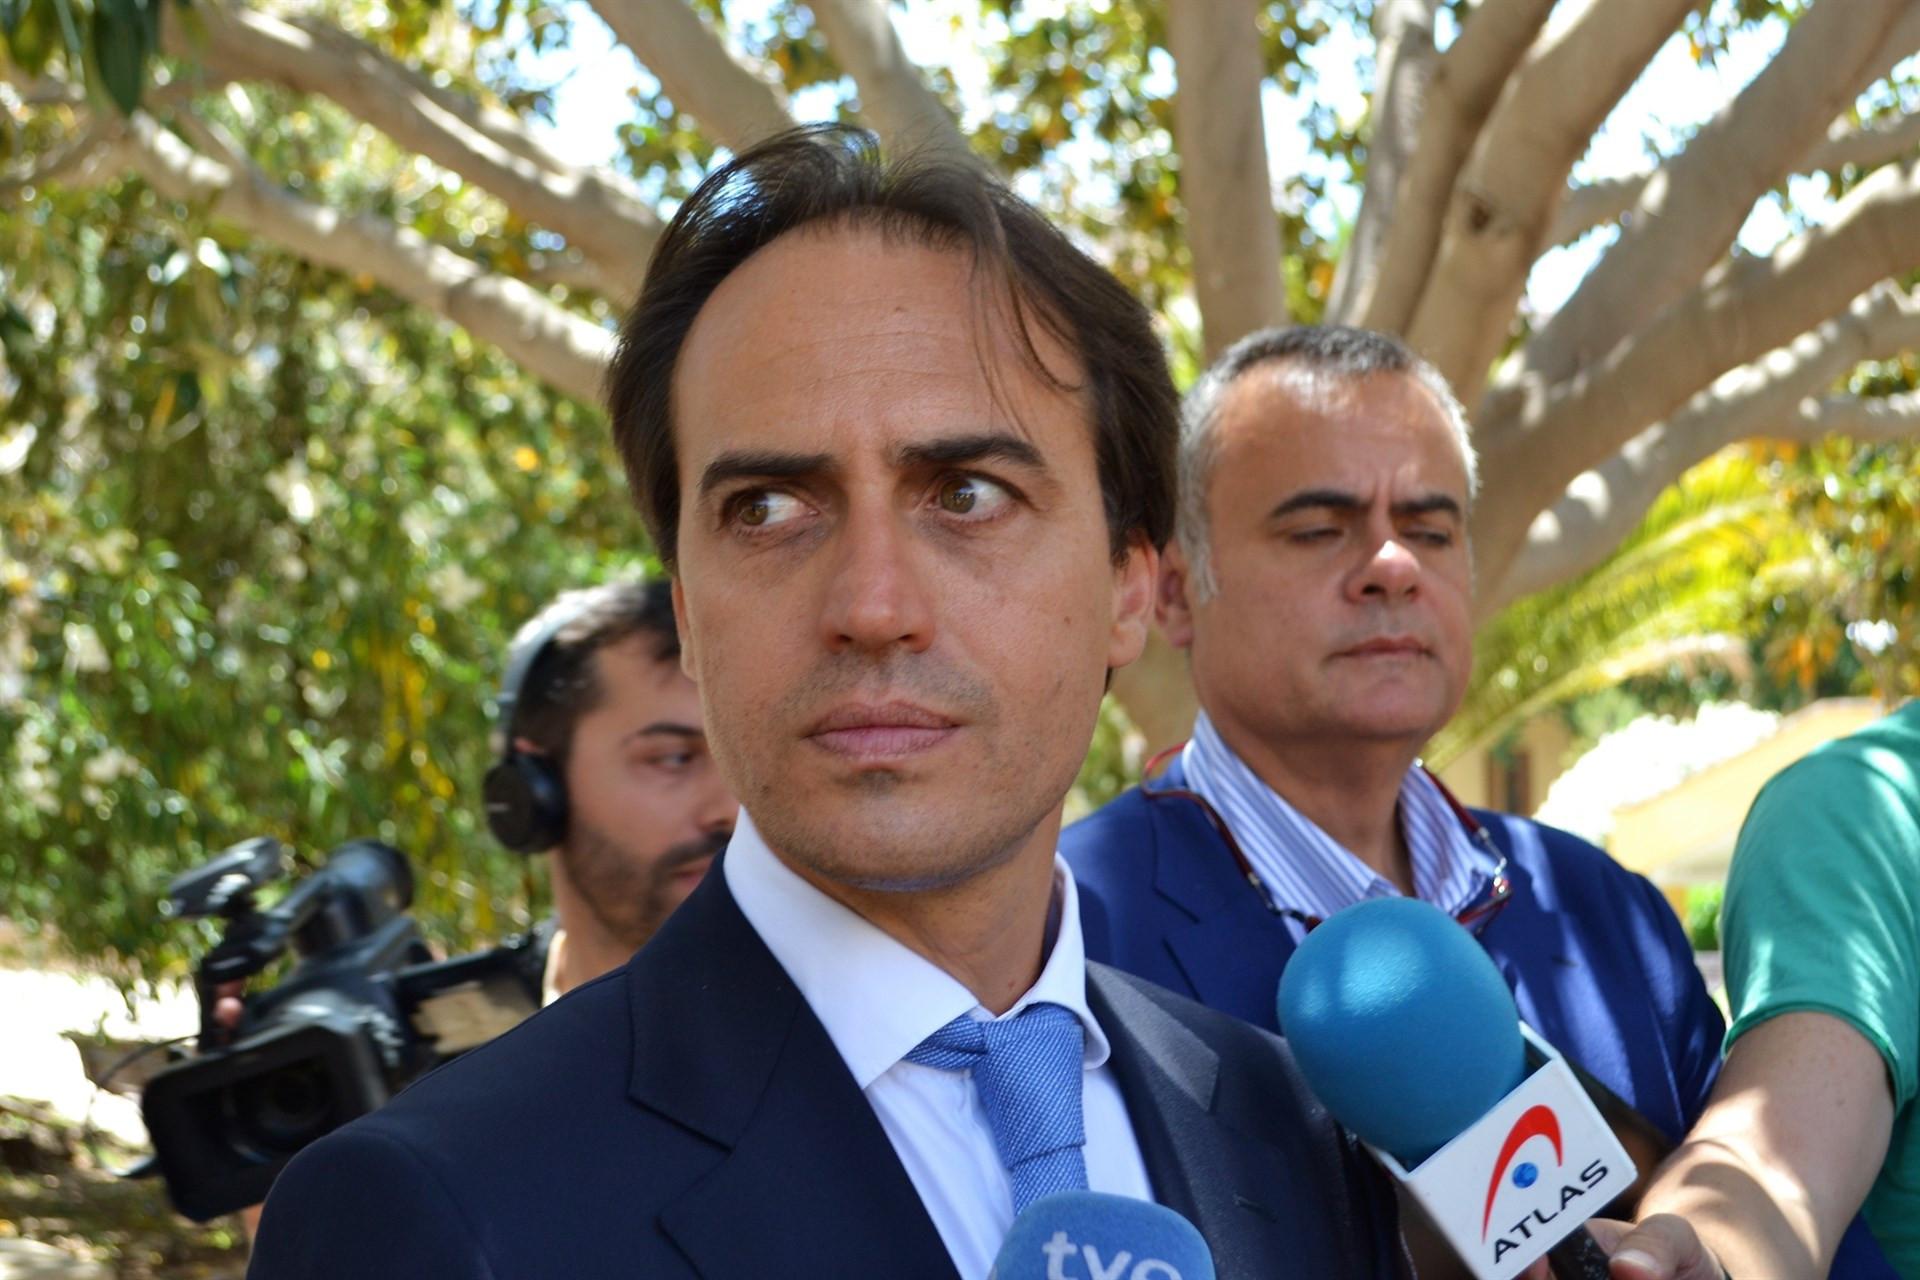 Alvaro gijon